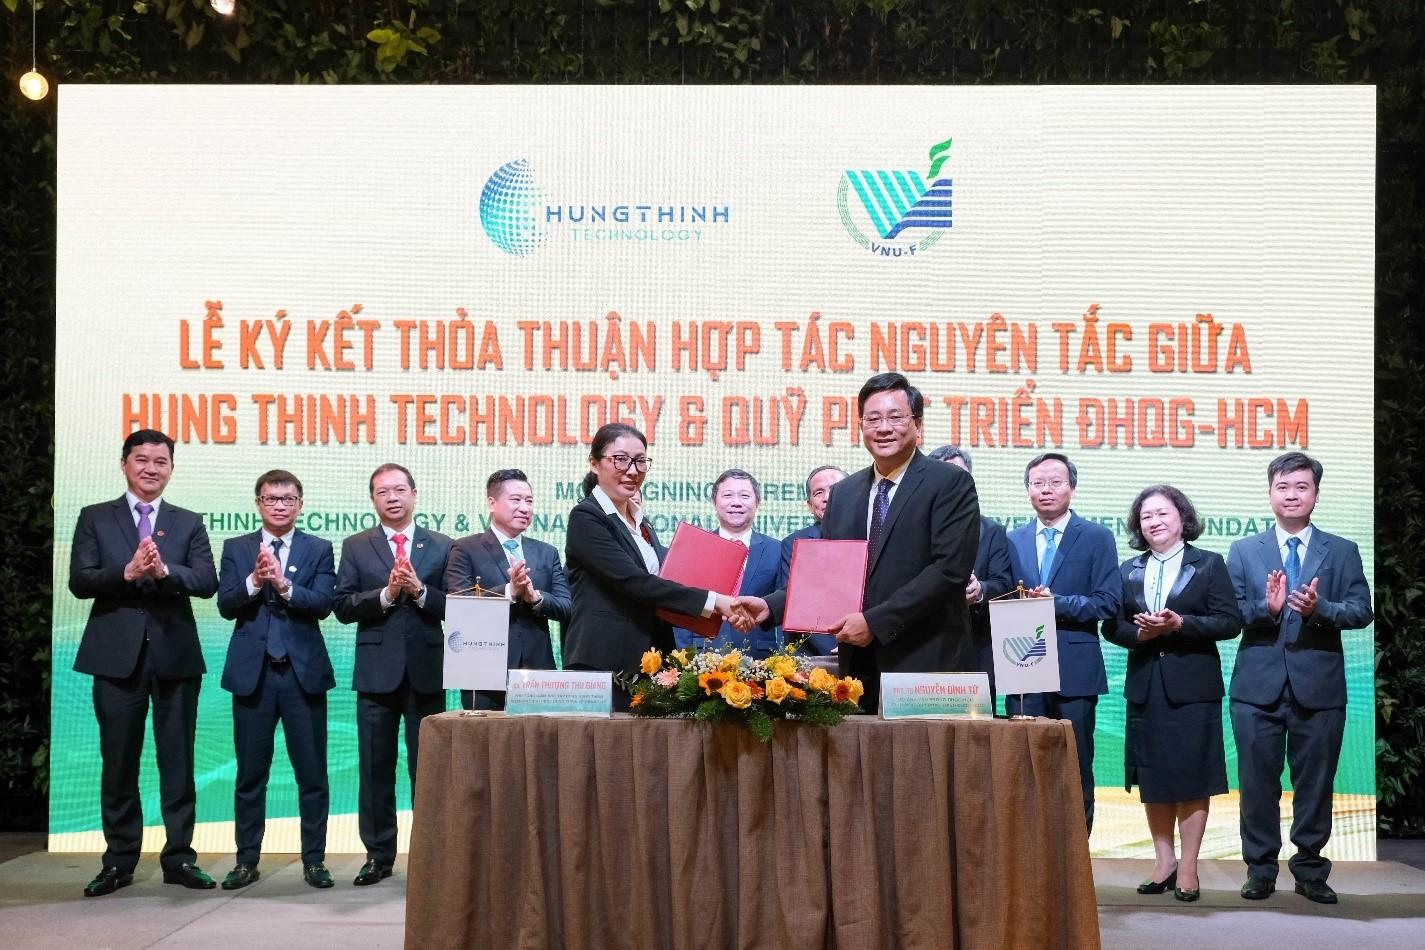 Tập đoàn Hưng Thịnh và Đại Học Quốc Gia TP.HCM ký kết hợp tác chiến lược - Ảnh 2